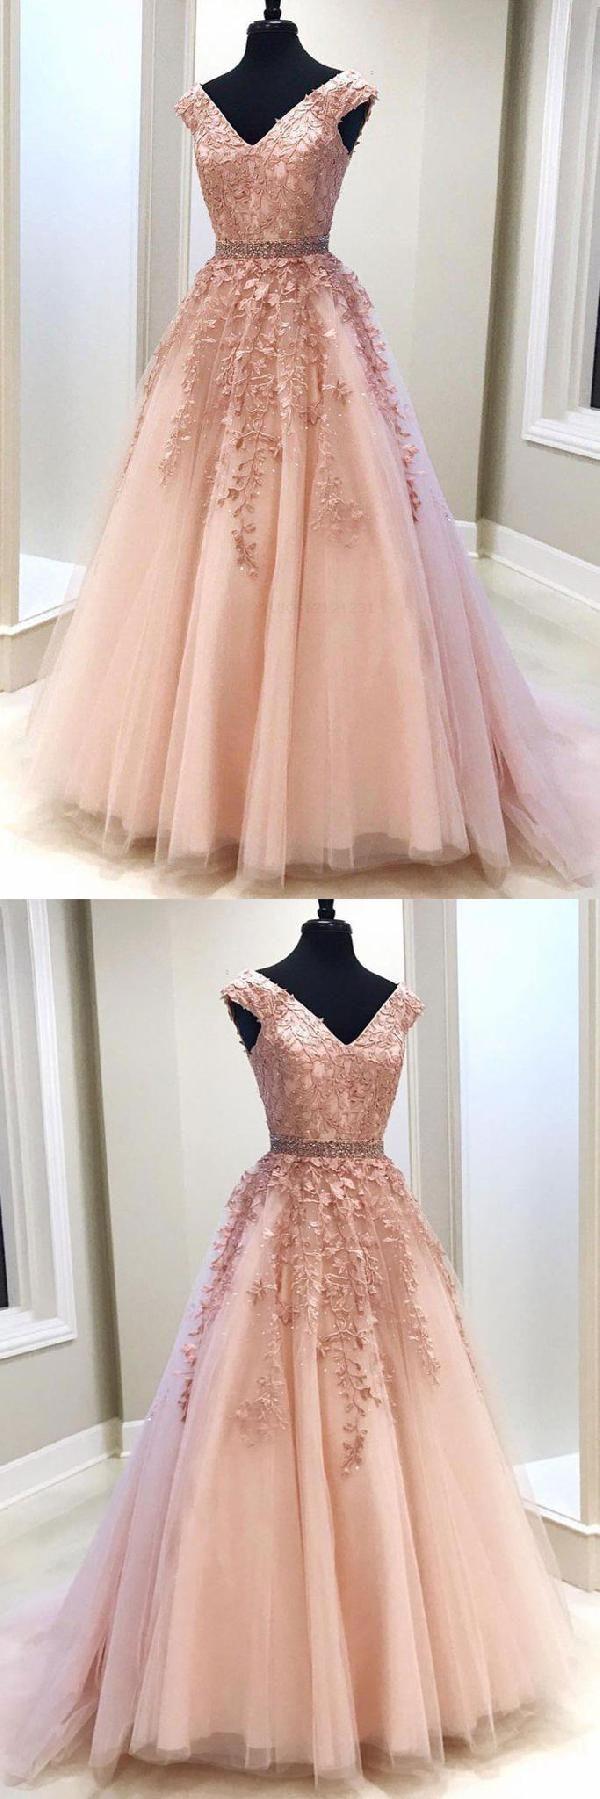 的 luxurious aline prom dress aline prom dress floor length